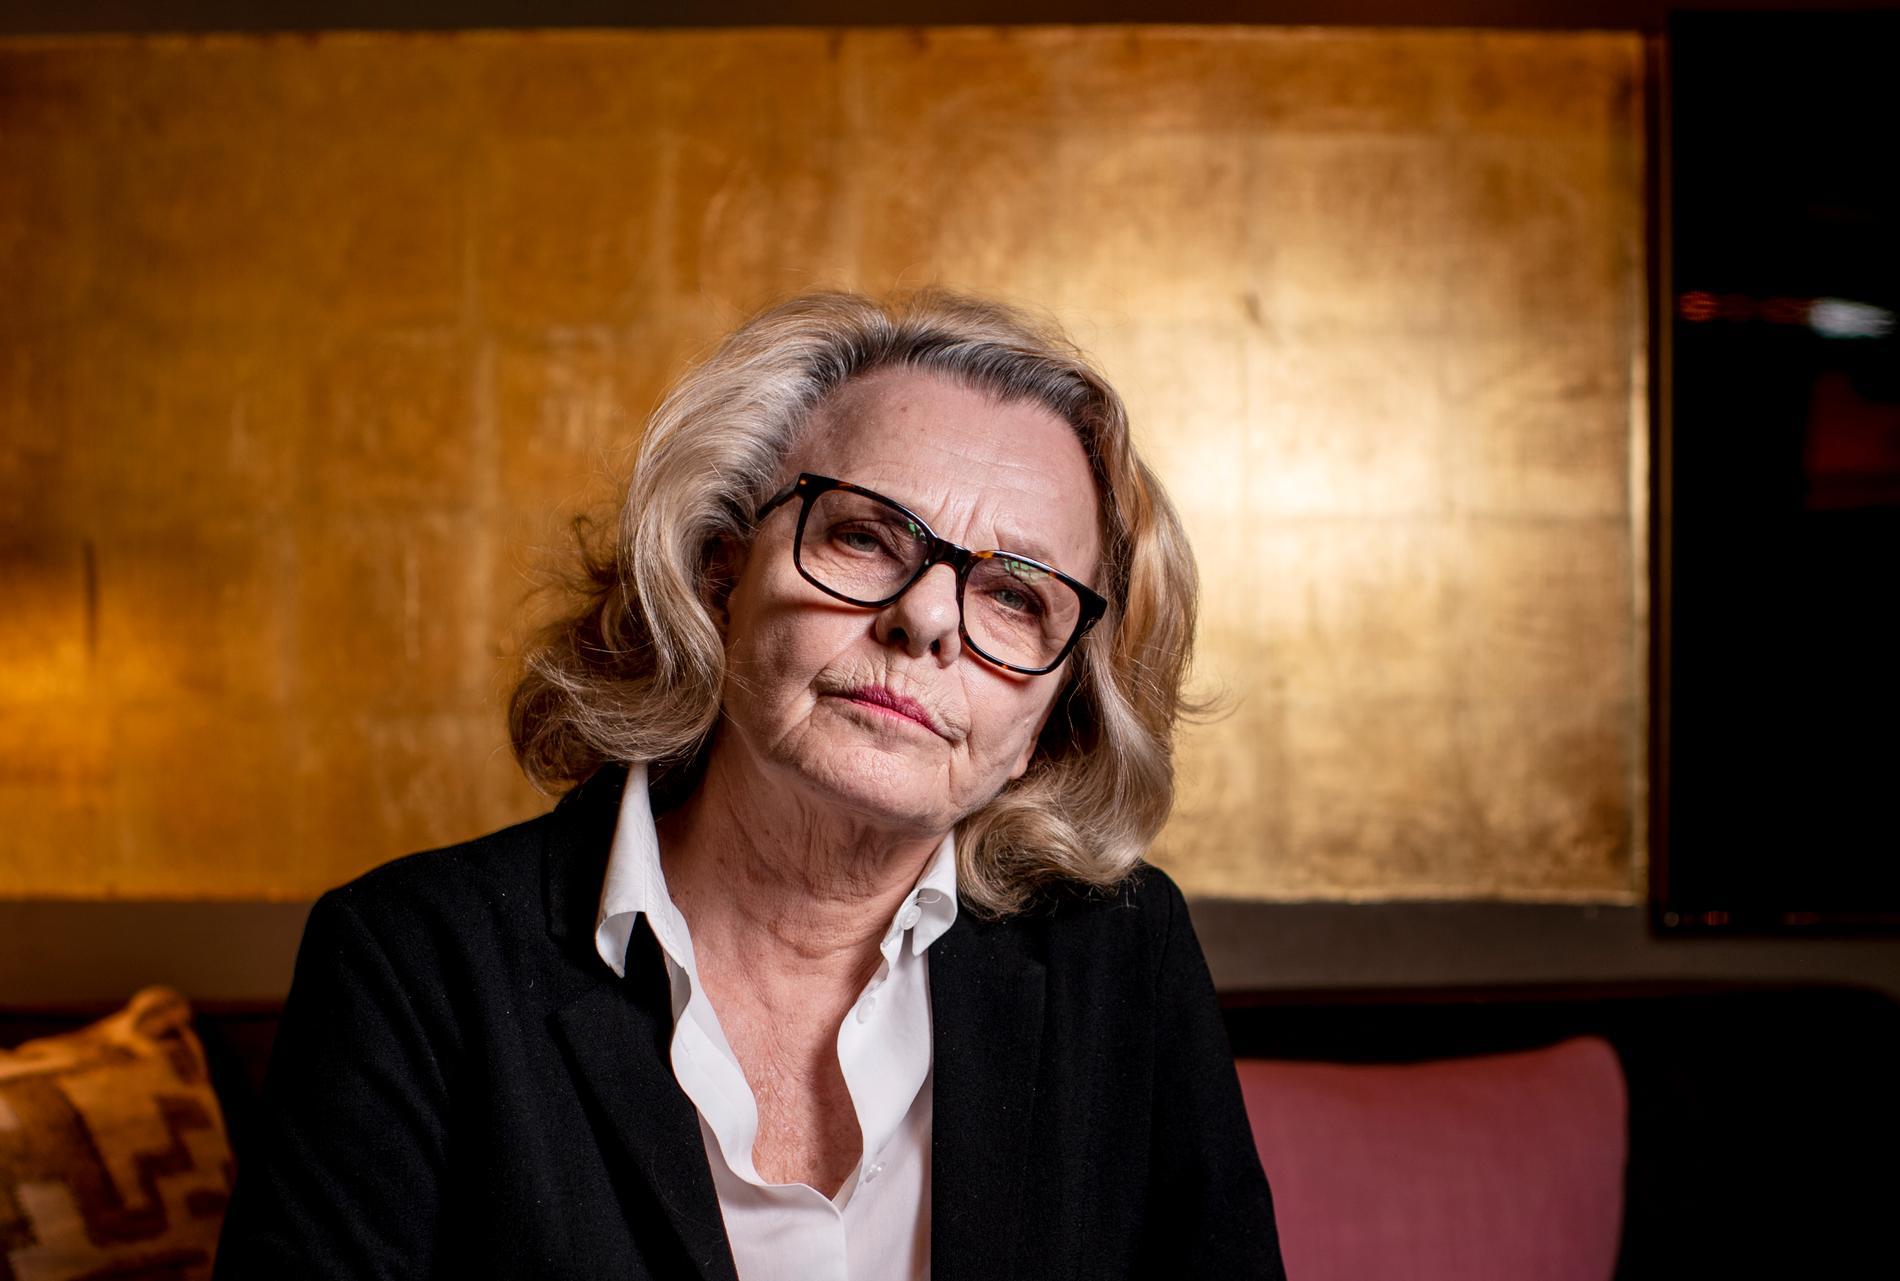 Skådespelaren Marie Göranzon står bakom uppropet för en tv-teater. Arkivbild.